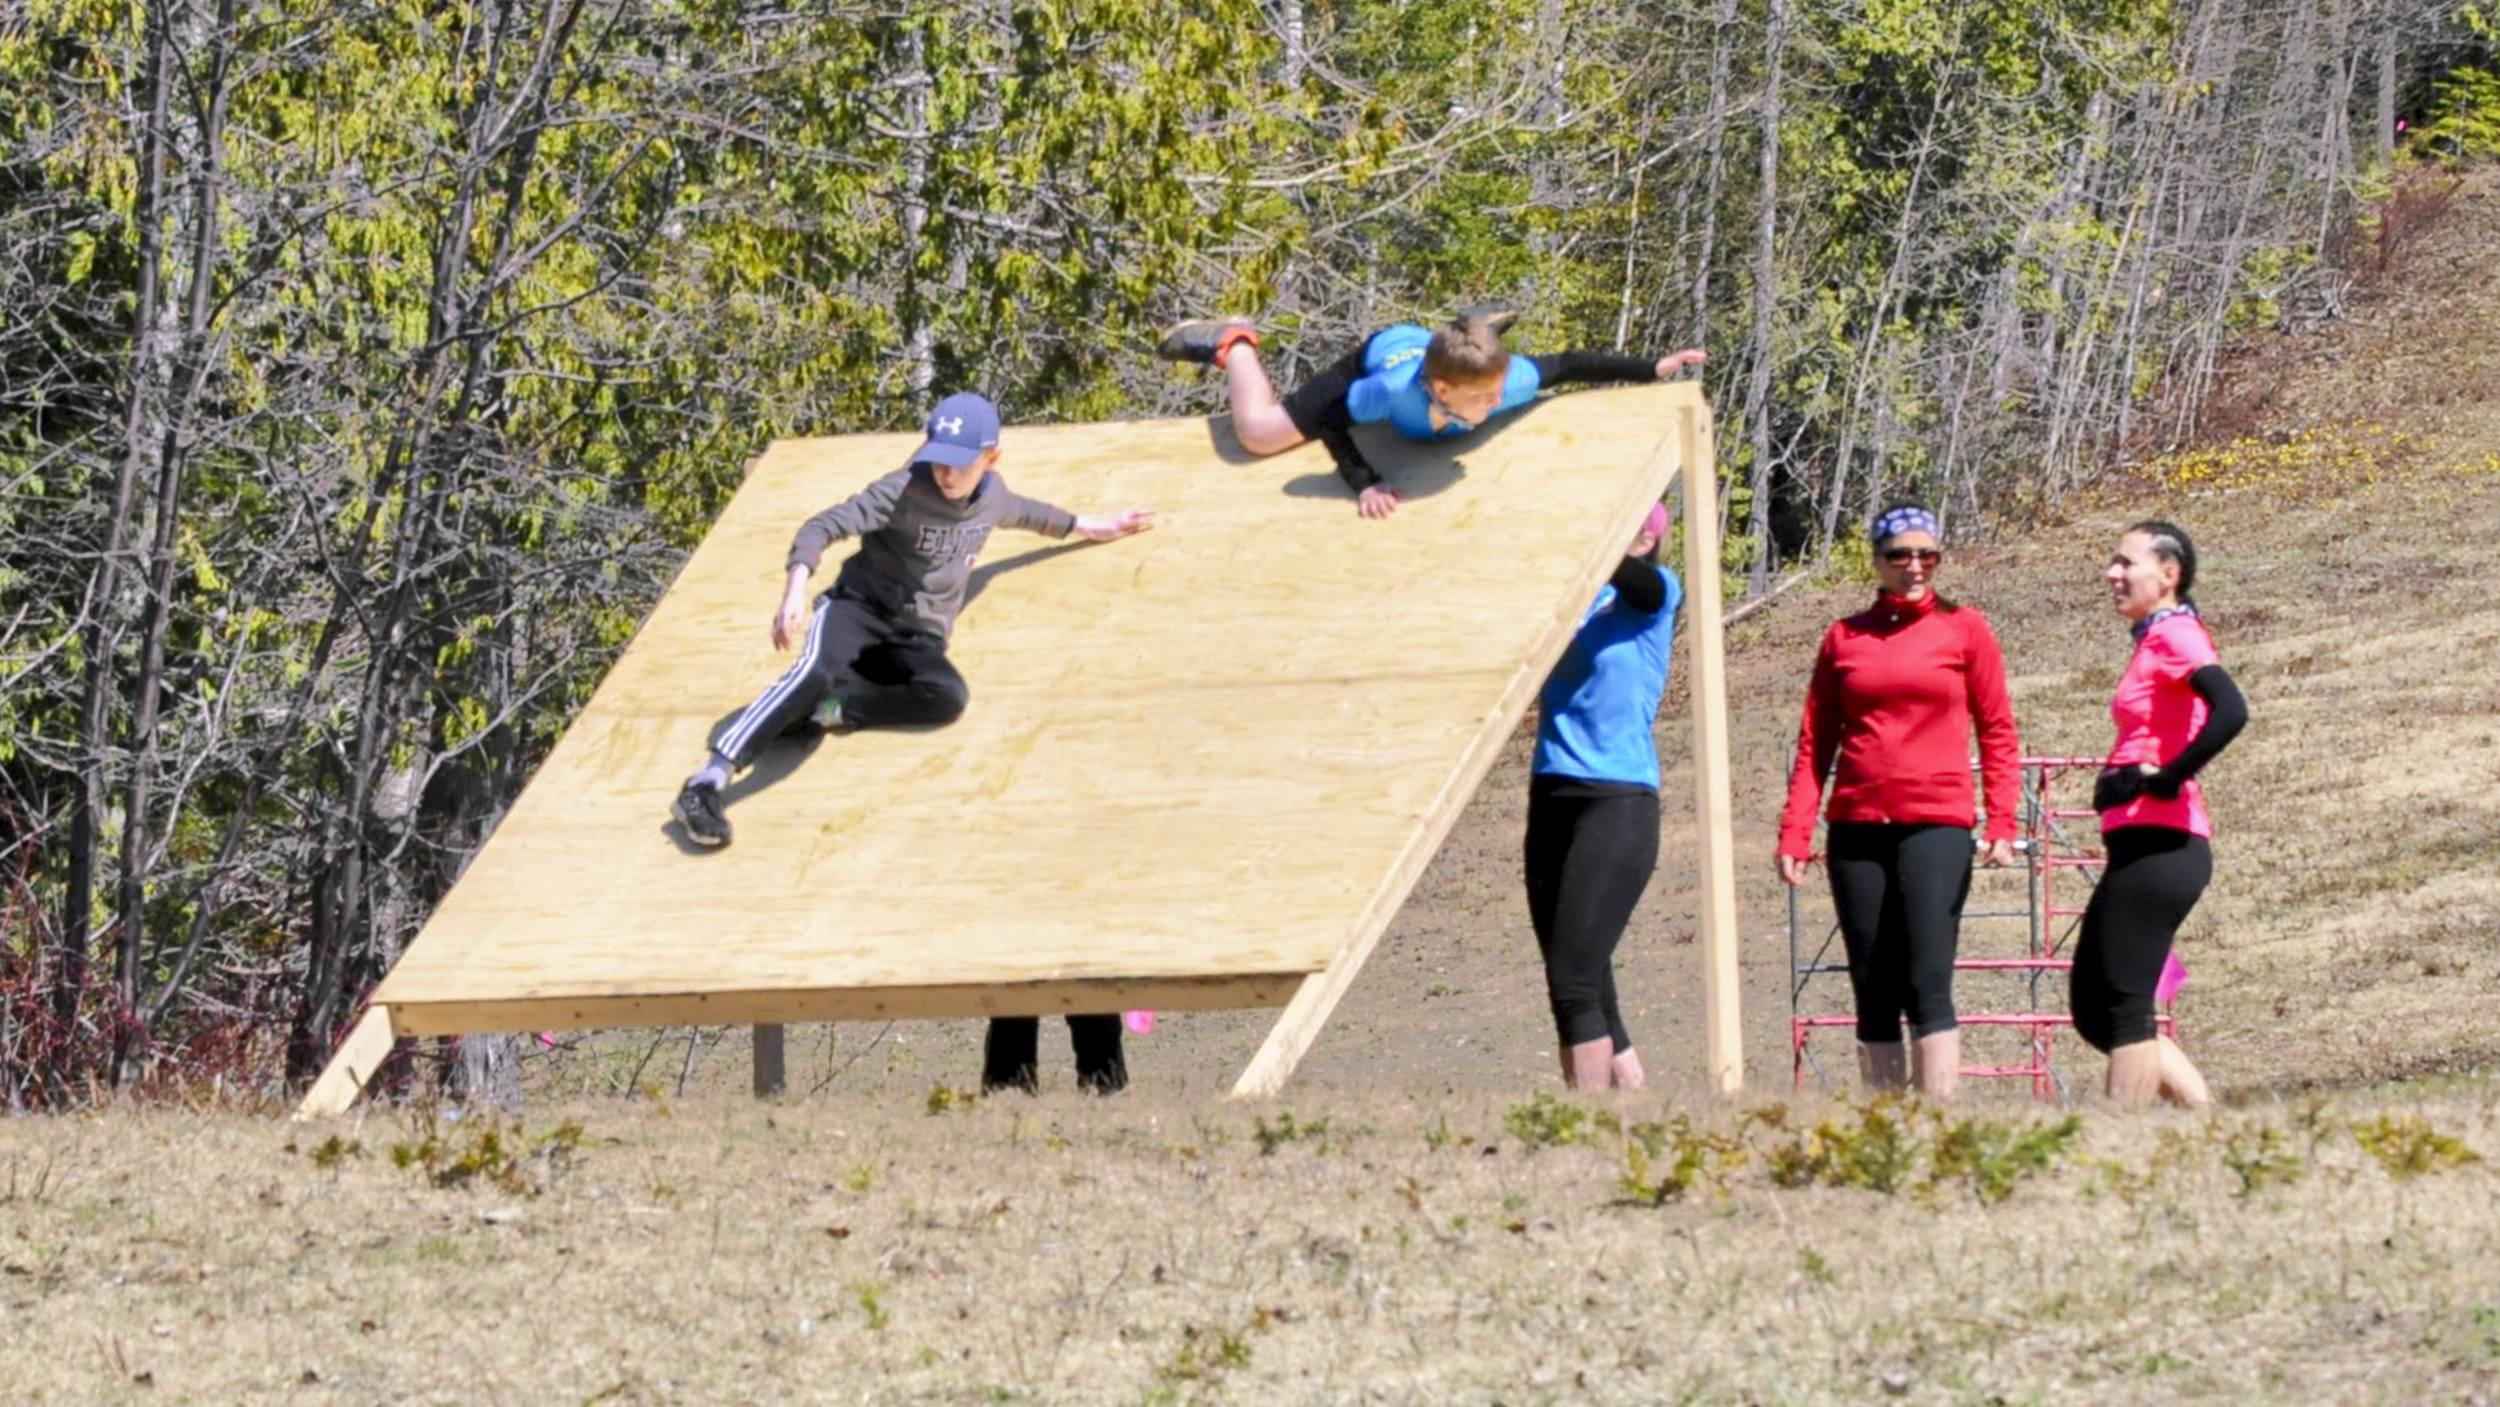 Parcours santé obstacles entraînement sportif